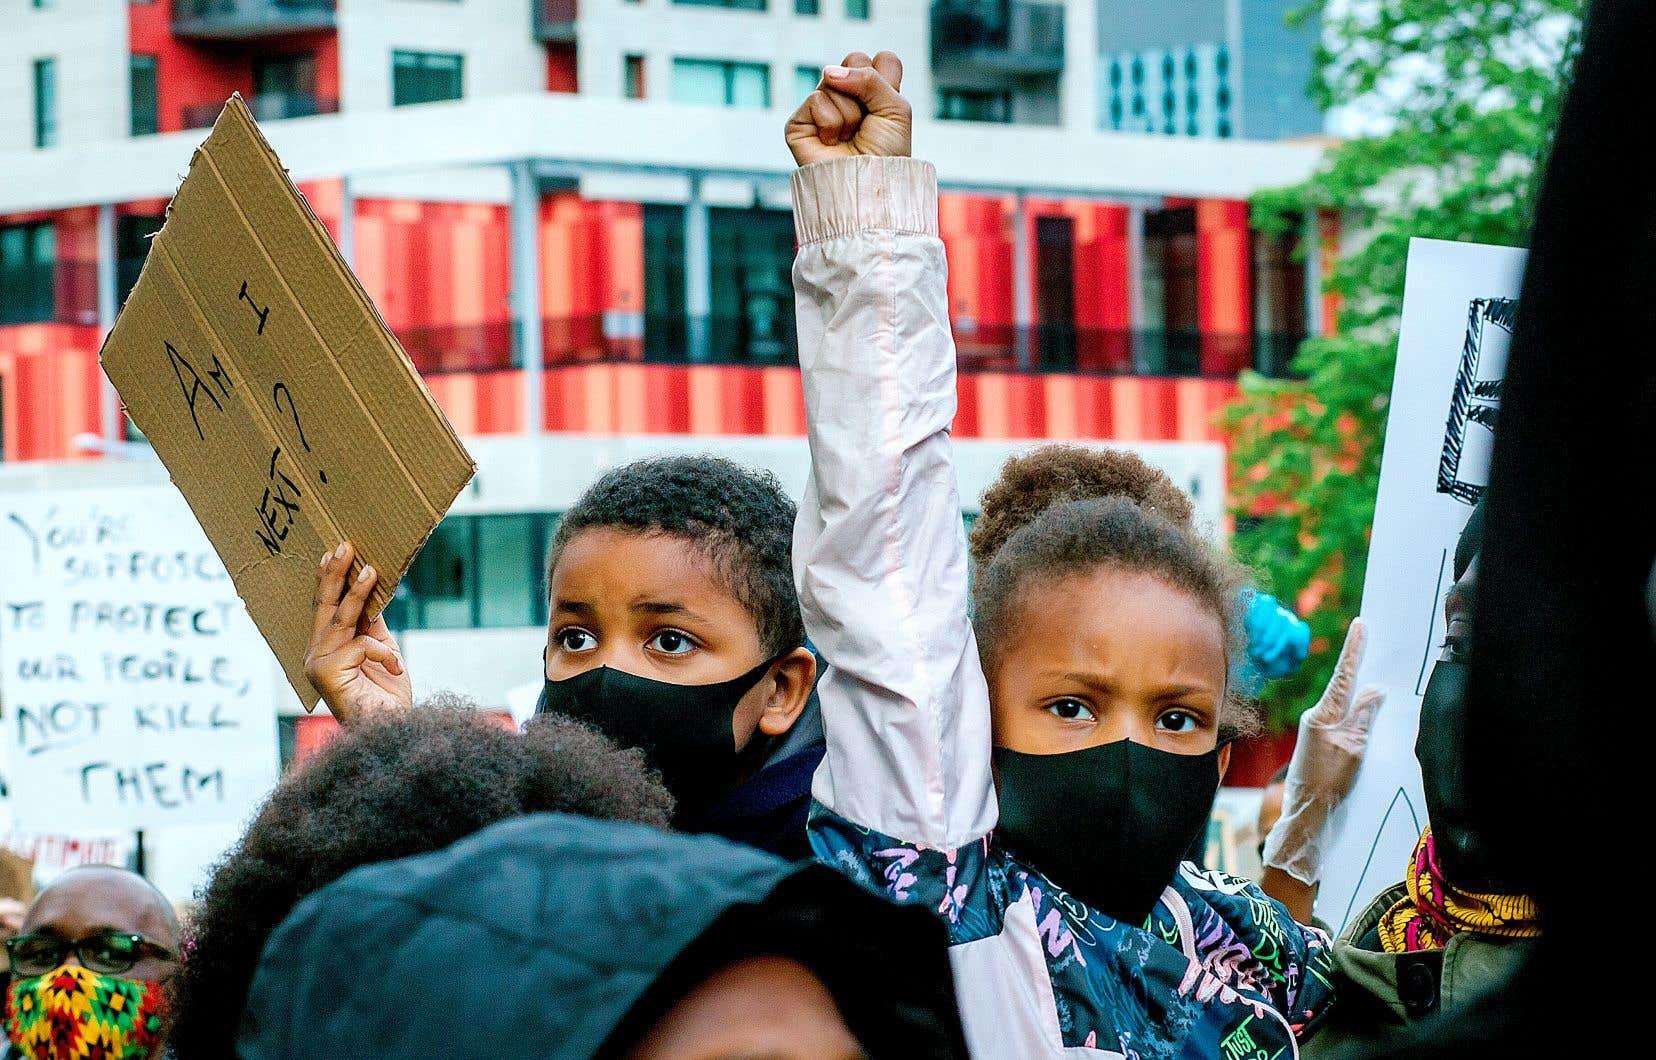 Dans la foulée du décès de George Floyd à Minneapolis, une manifestation contre le racisme a été organisée à Montréal.